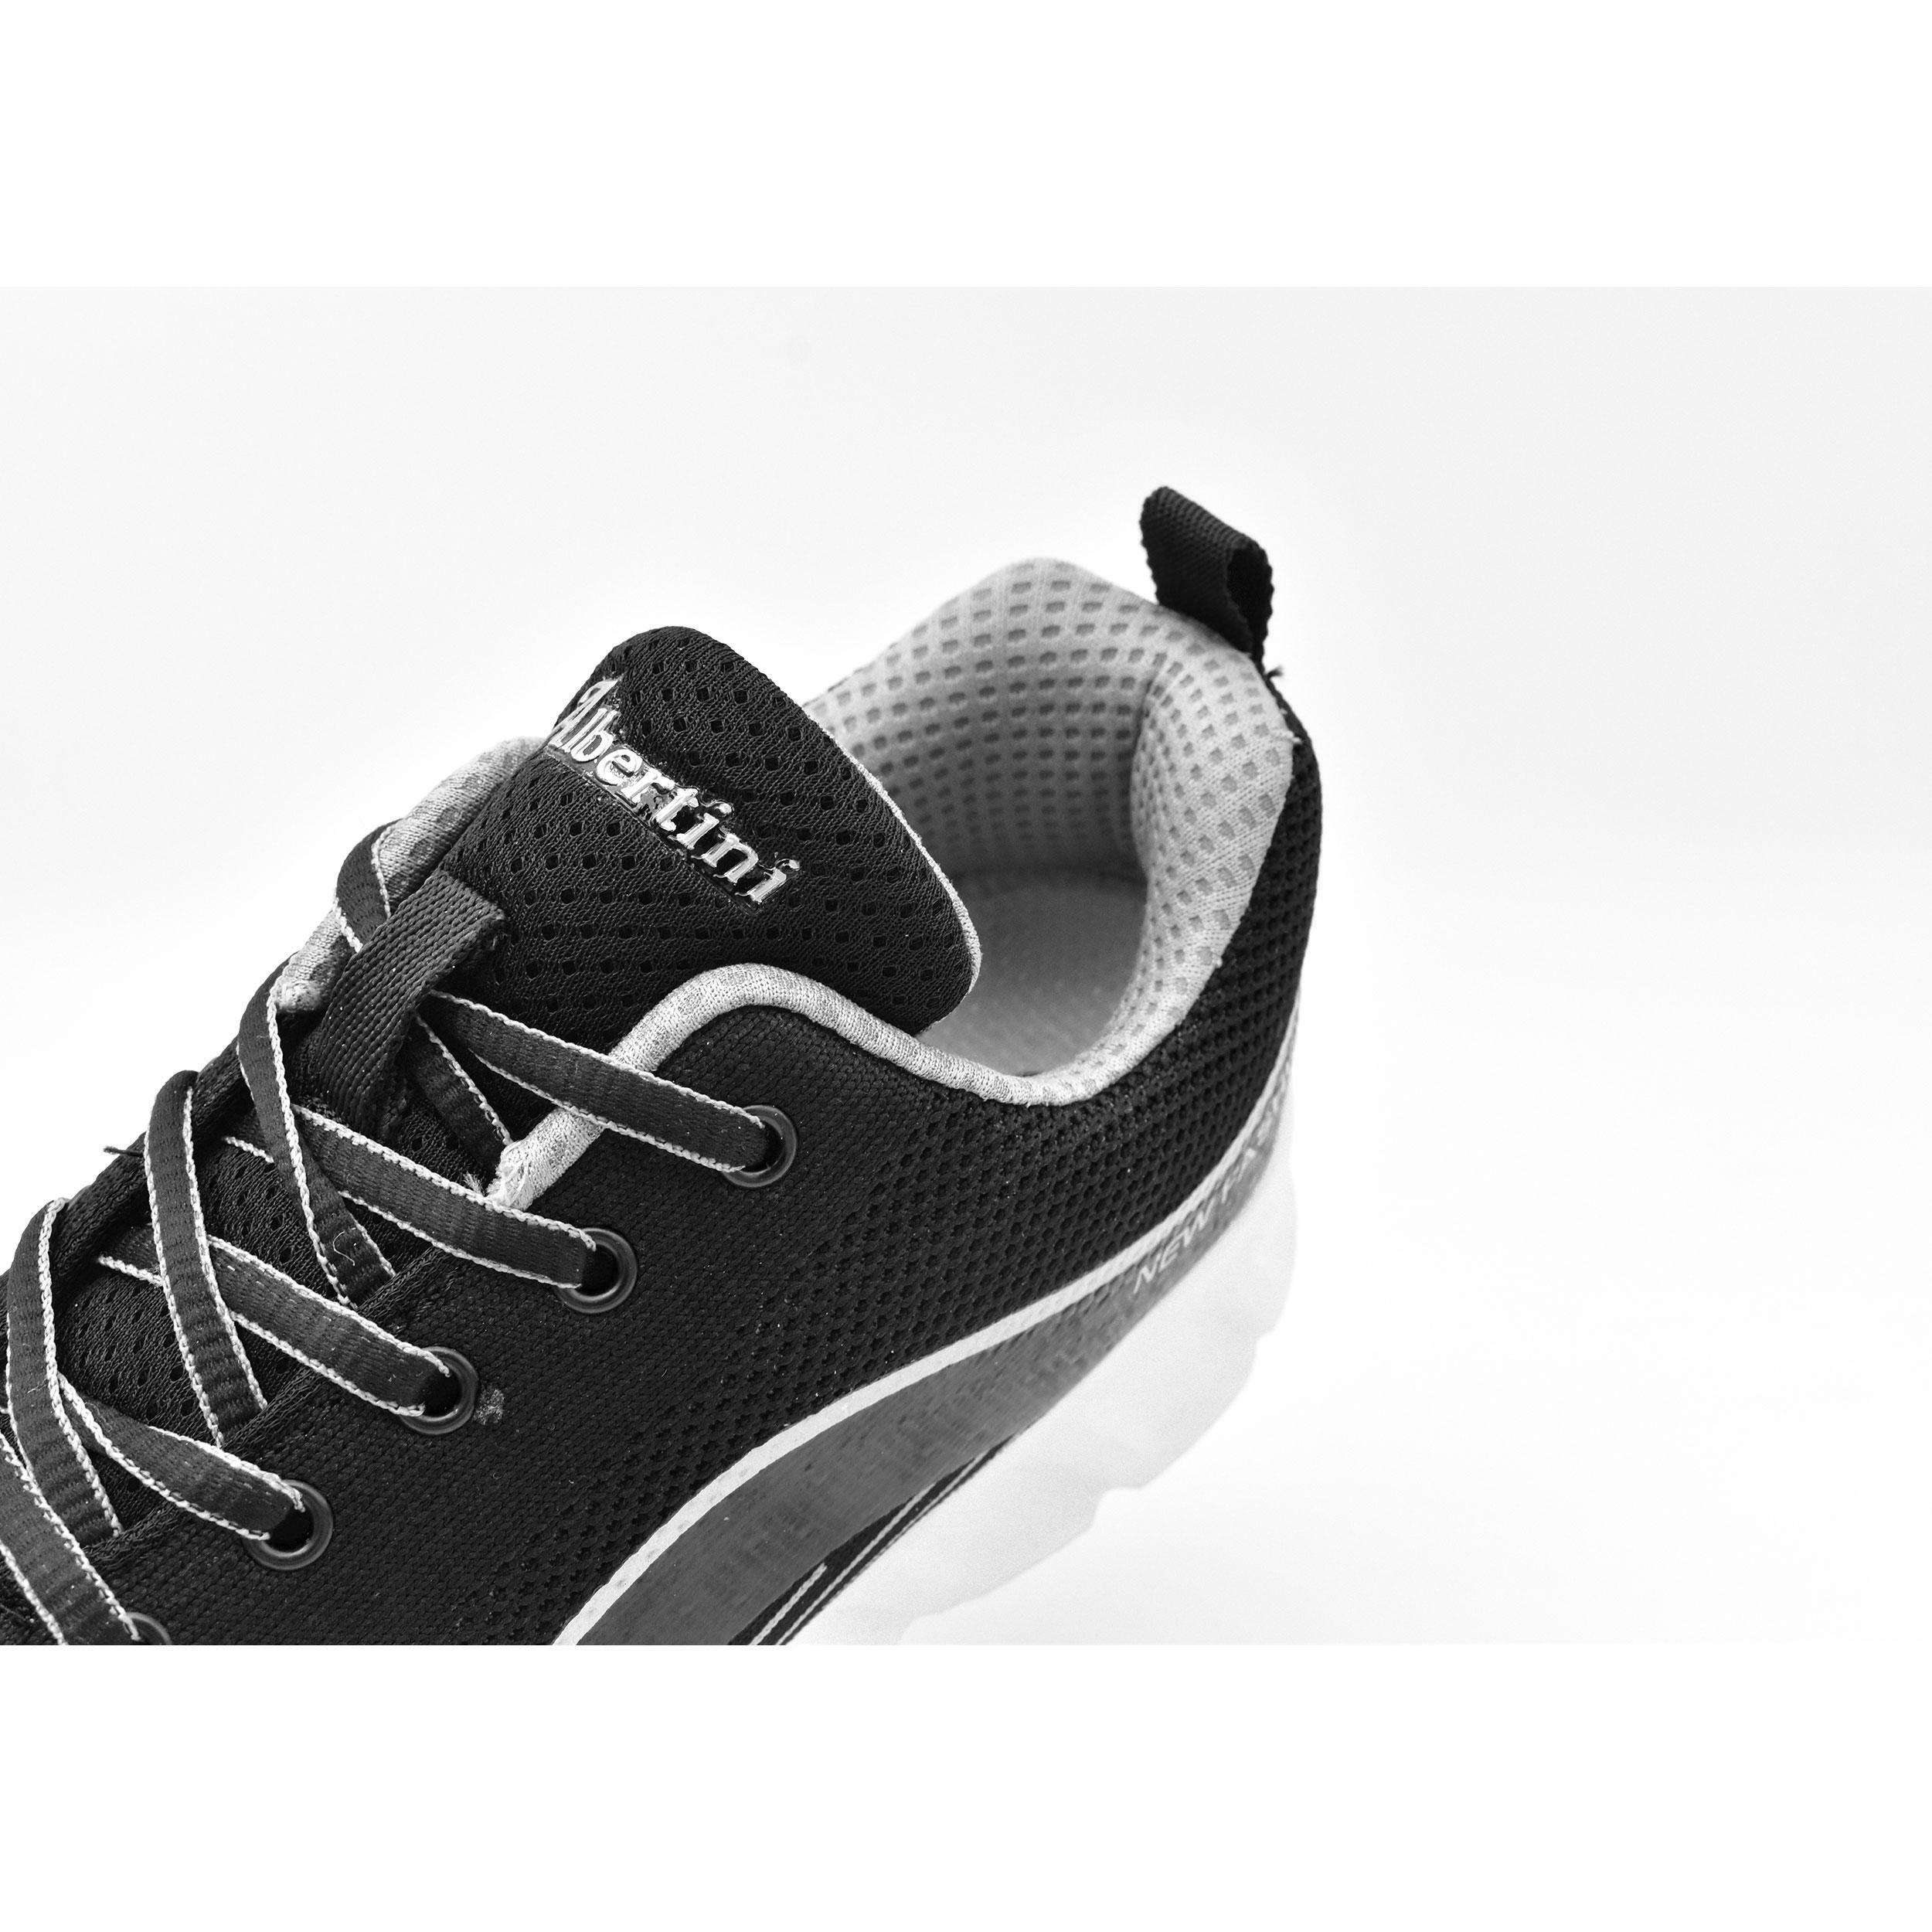 کفش پیاده روی مردانه آلبرتینی مدل شرایتون کد 8038